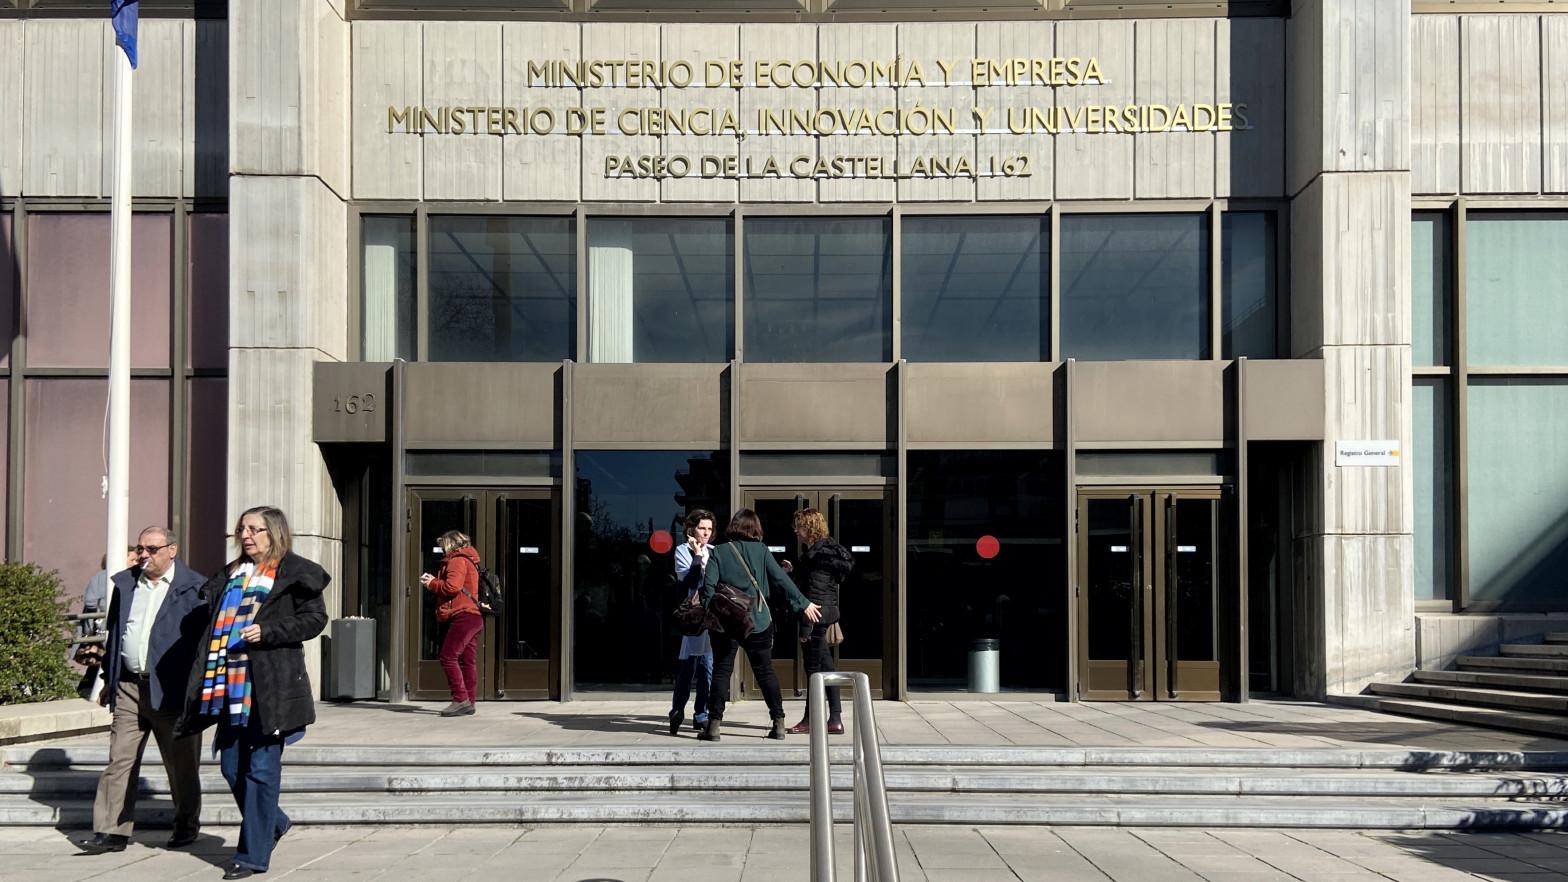 Ministerios de Economía.